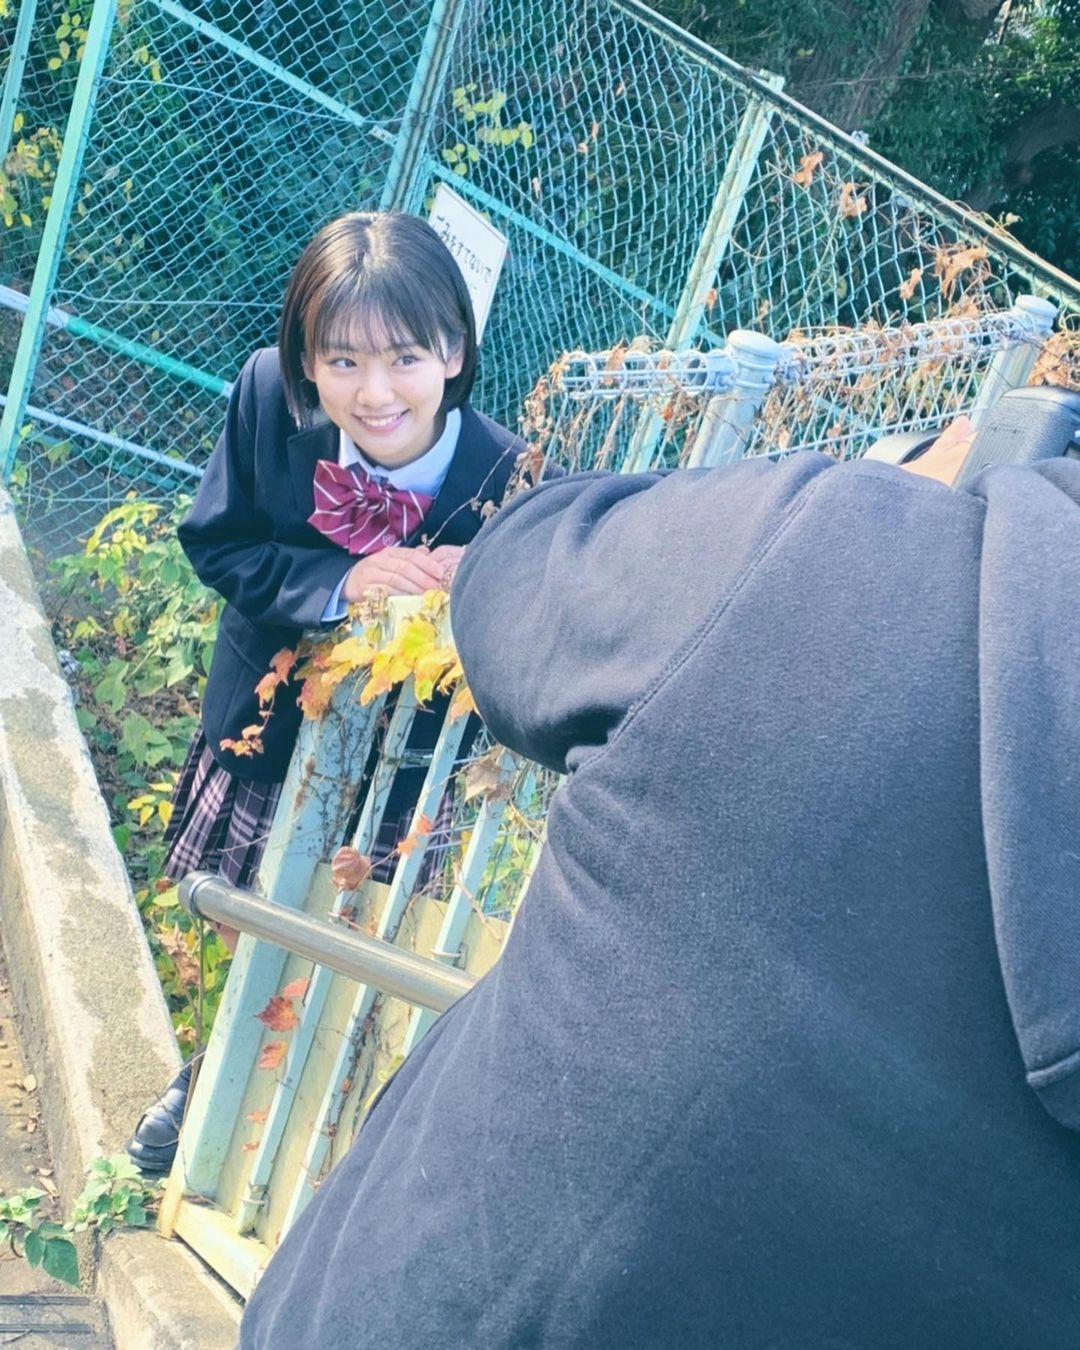 高三清纯美少女「湿身初解禁」!夺得制服选美冠军后勇拍写真,粉丝同学都暴动!-新图包